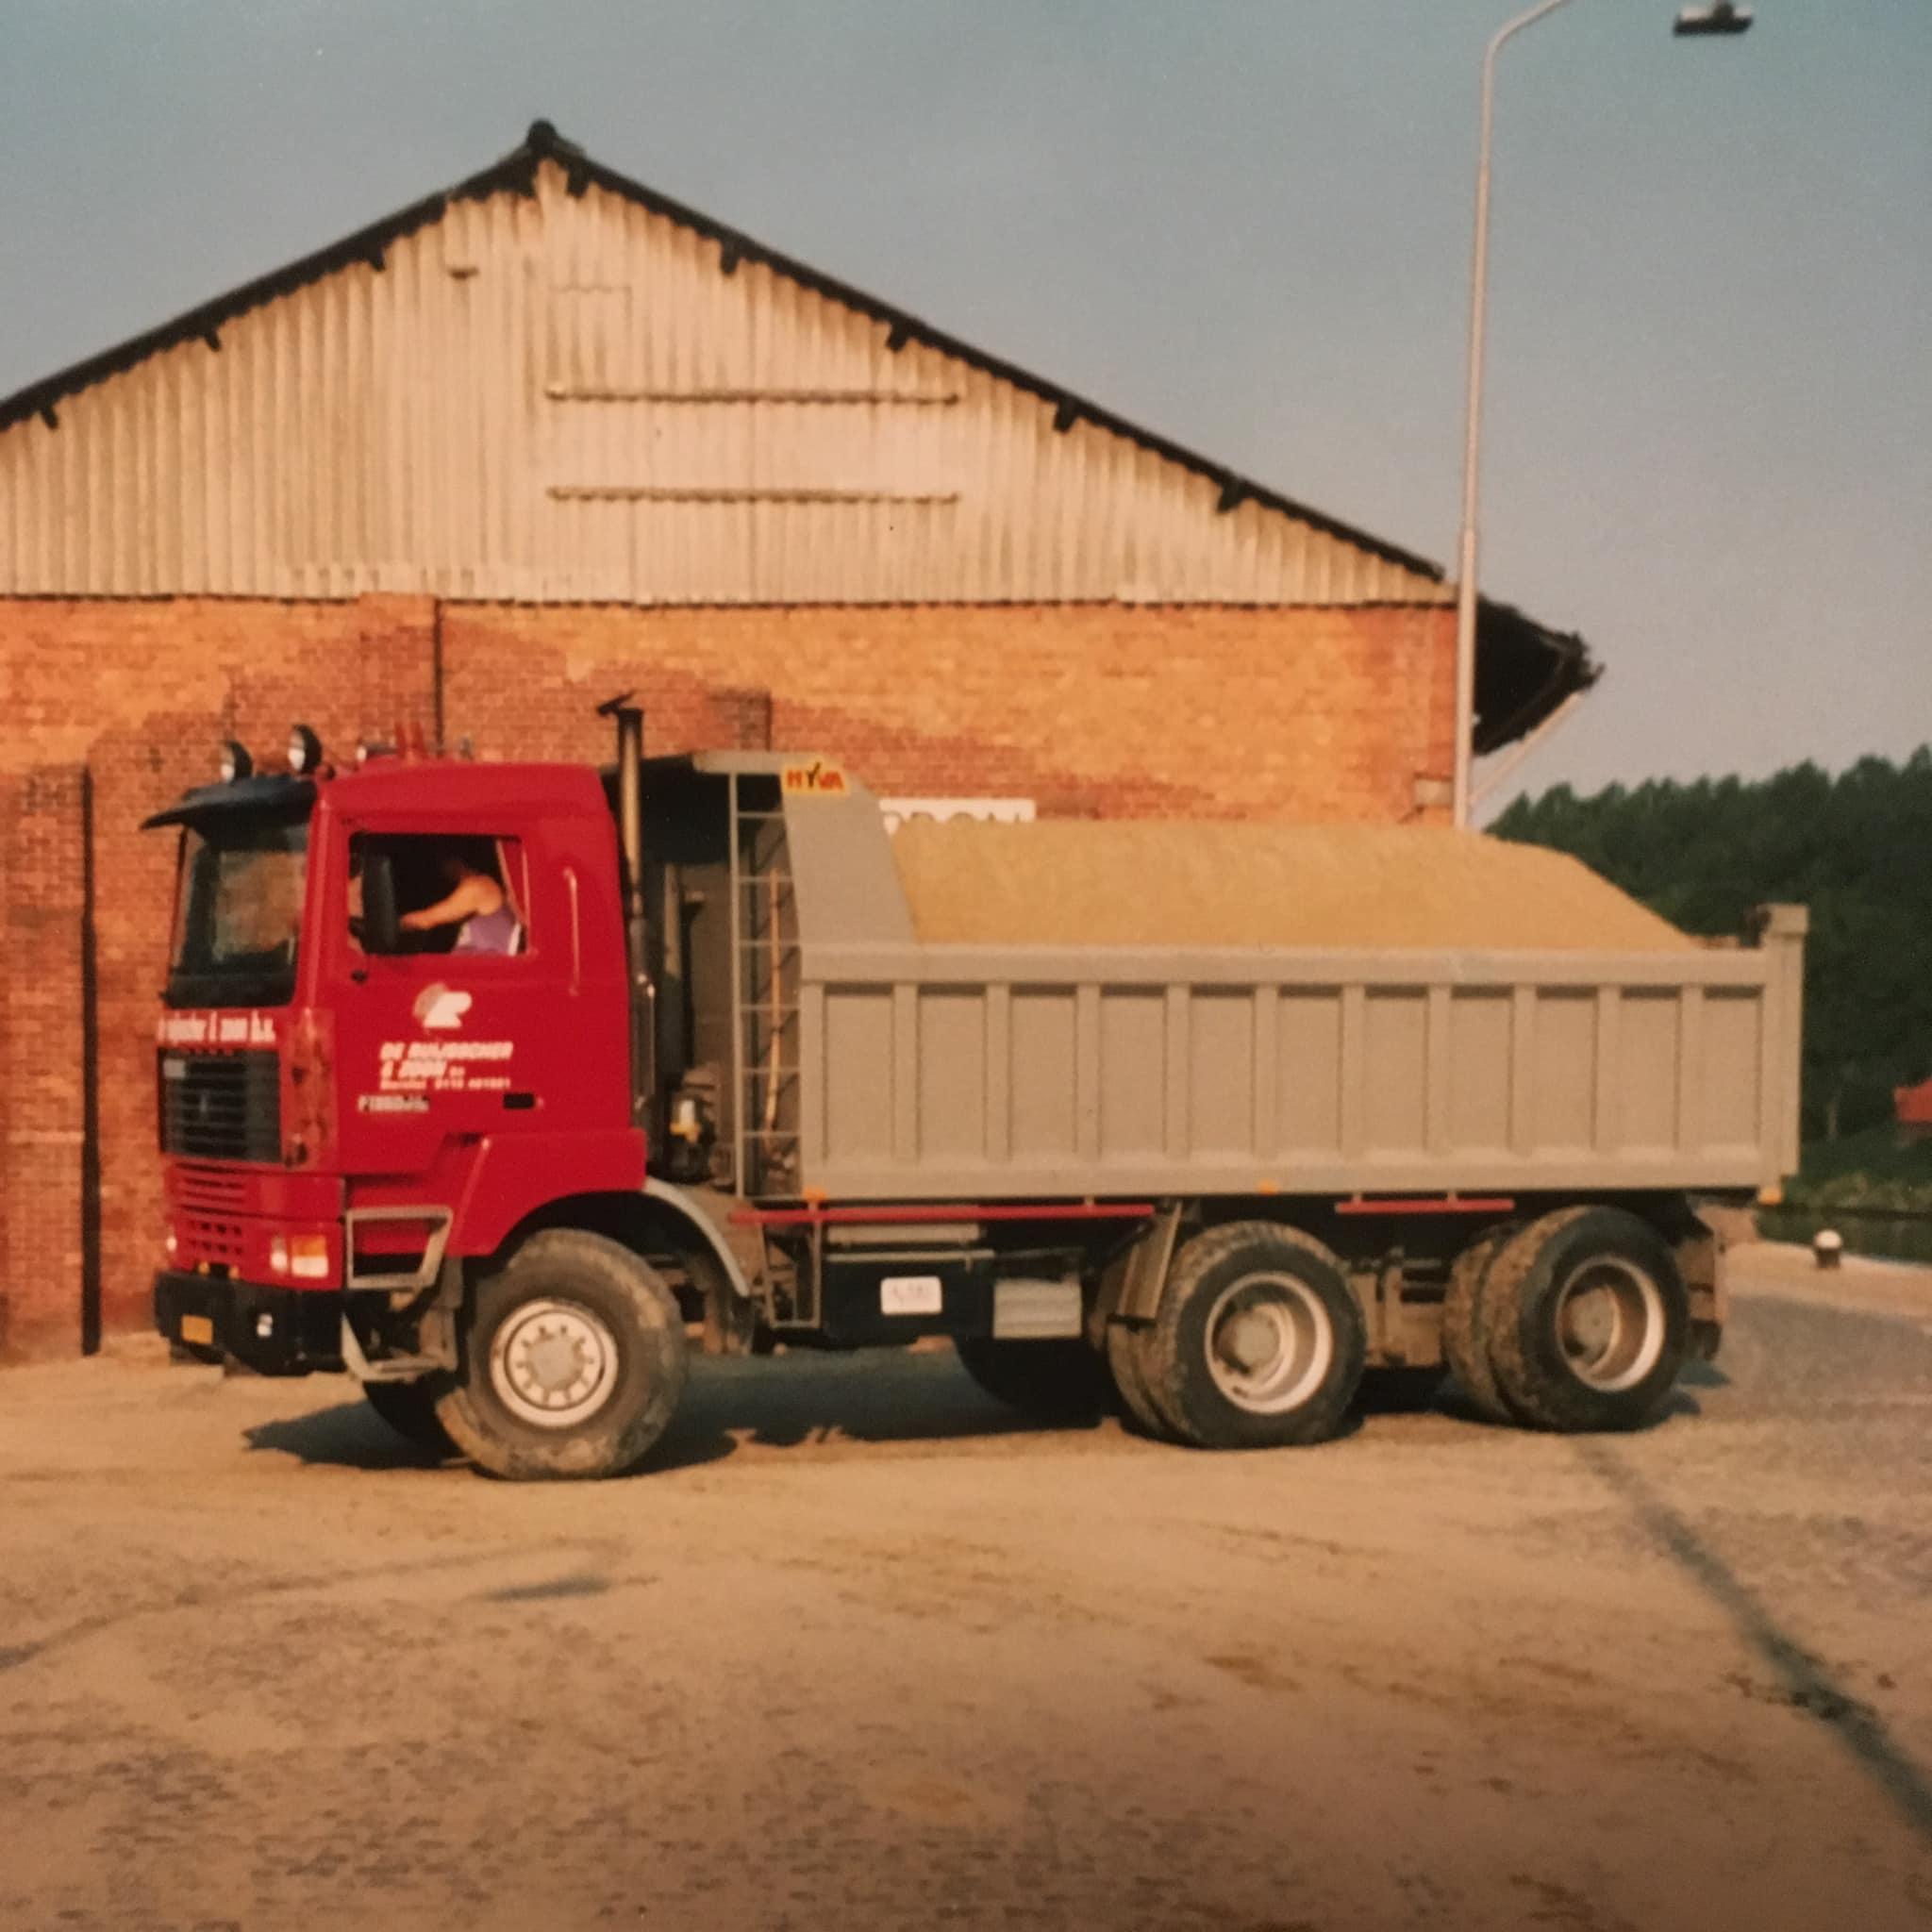 Toedertyd-1-van-de-eerste-met-gestuurde-achteras-en-400pk--was-een-geweldige-wagen-Ronny-Van-de-Kerkhove-(2)